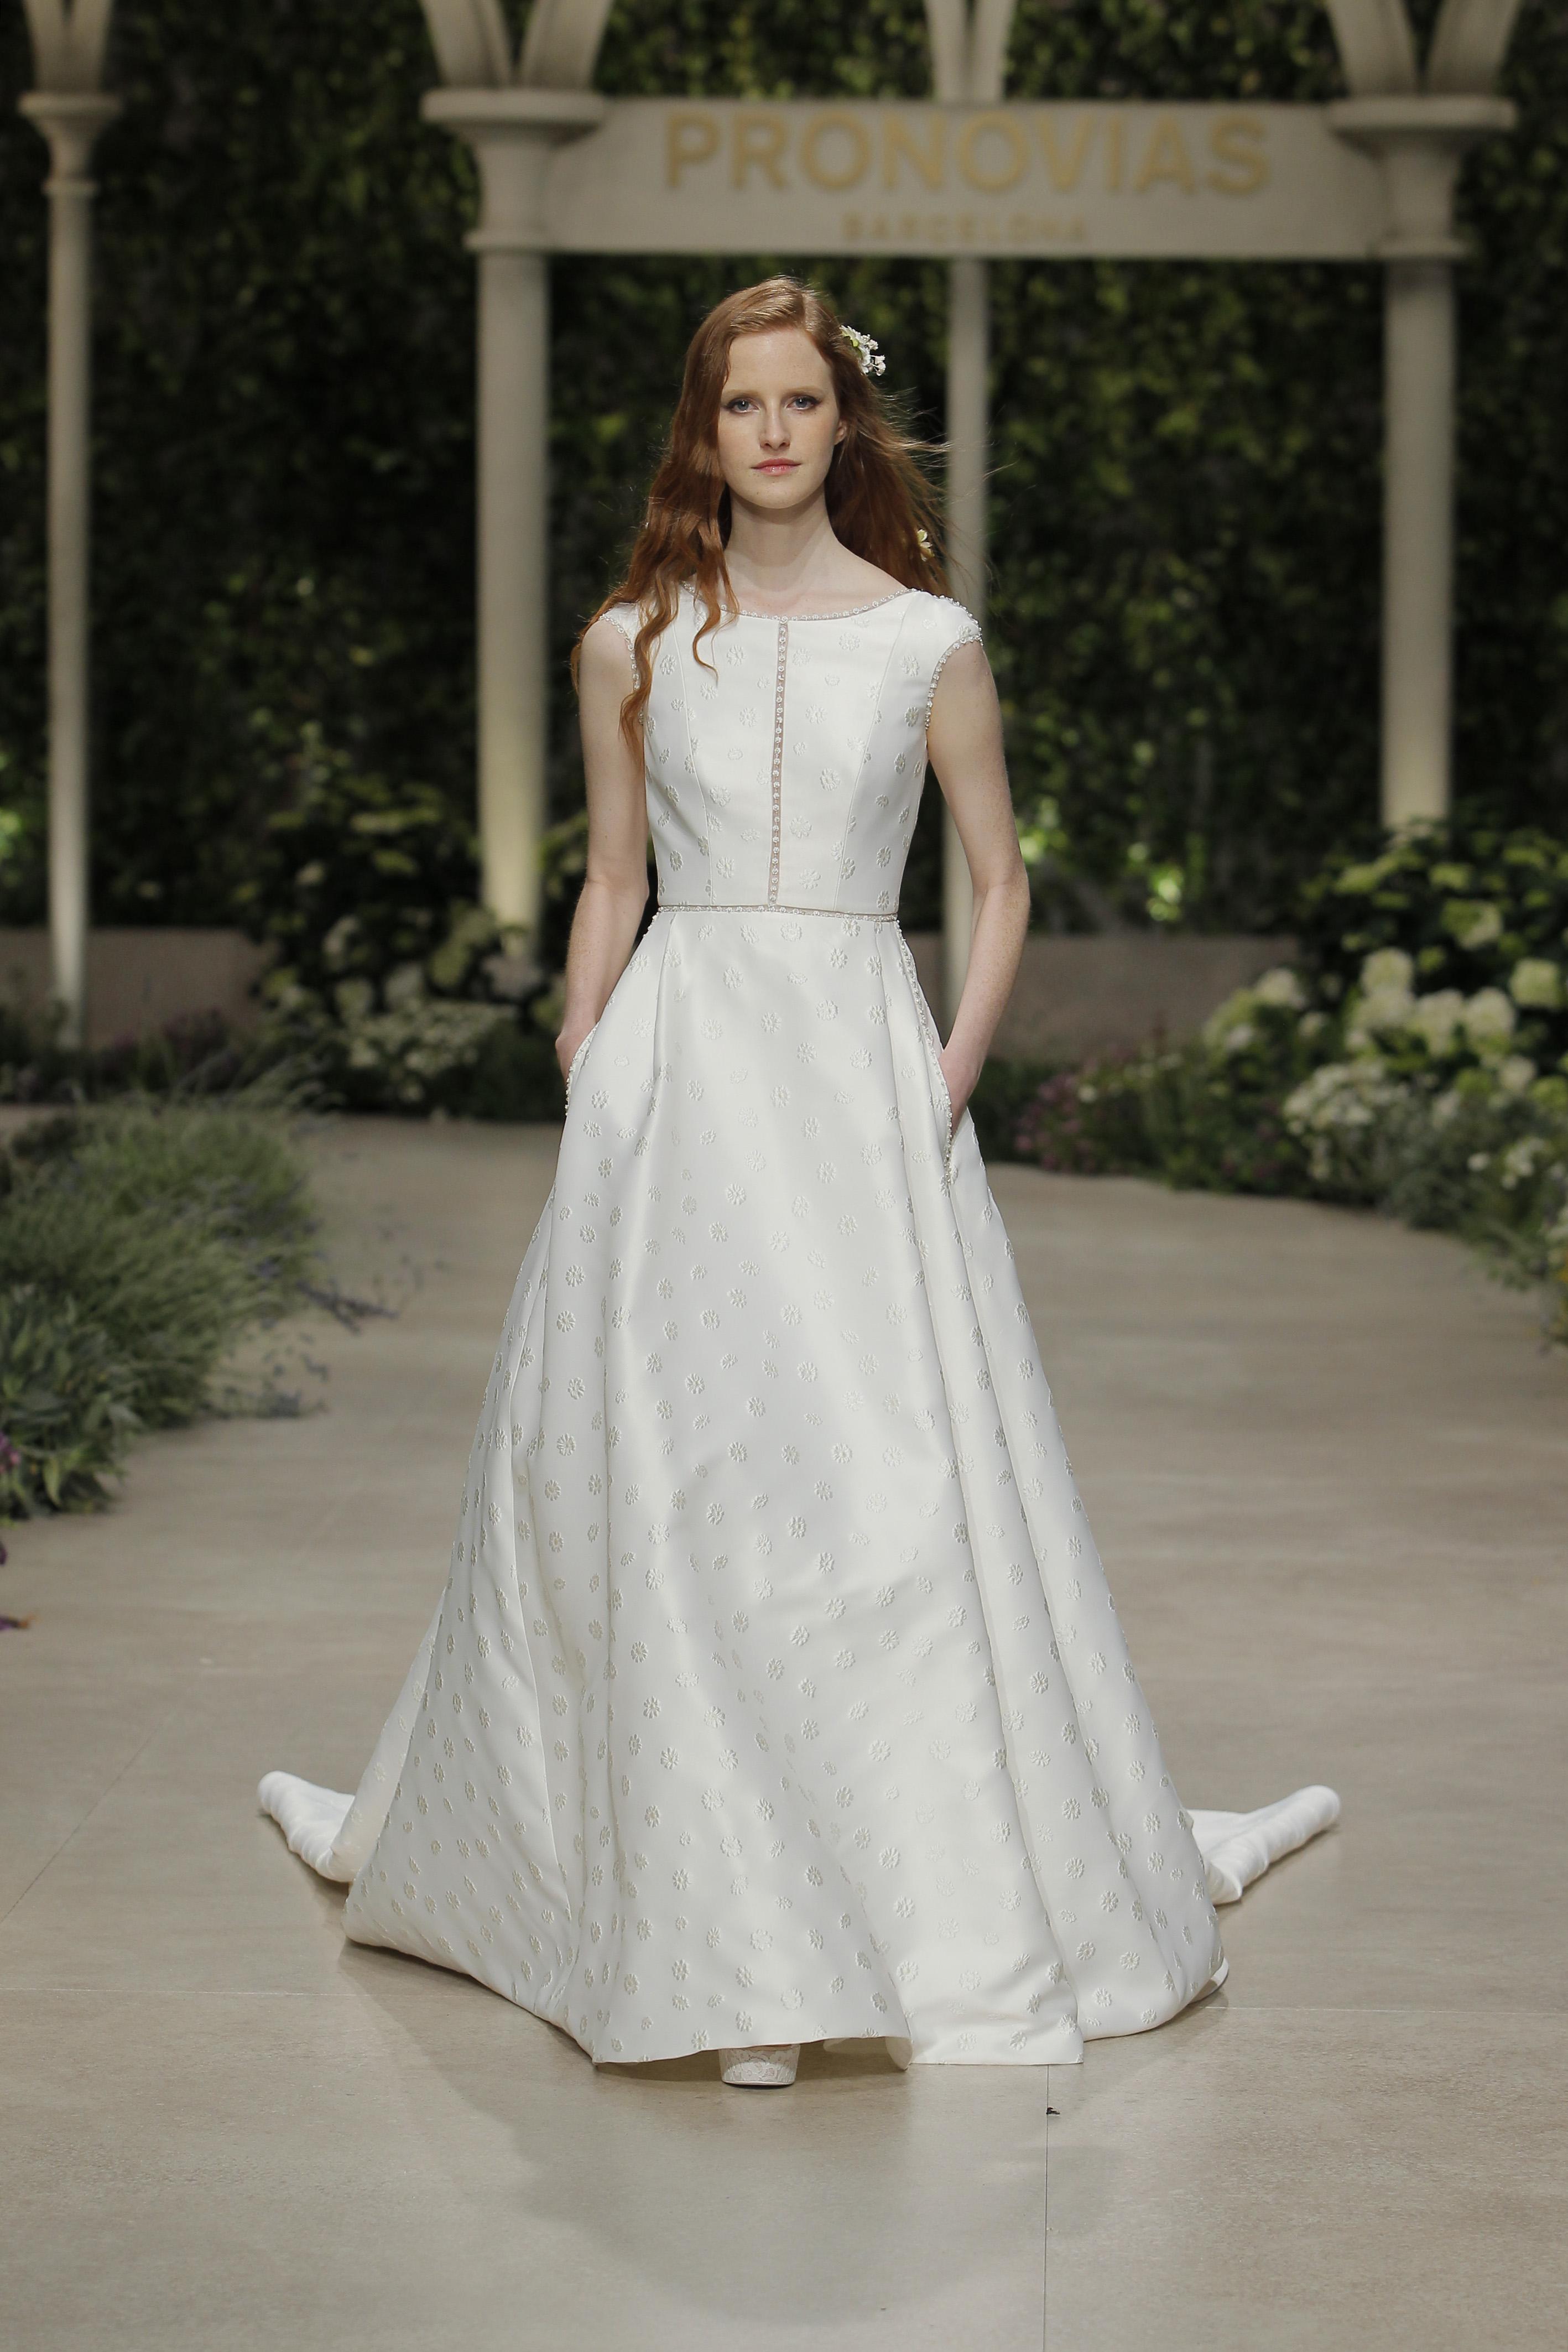 f083bf7c382b4 ... Pronovias wedding dress. Pronovias · pr19_37_christie_2